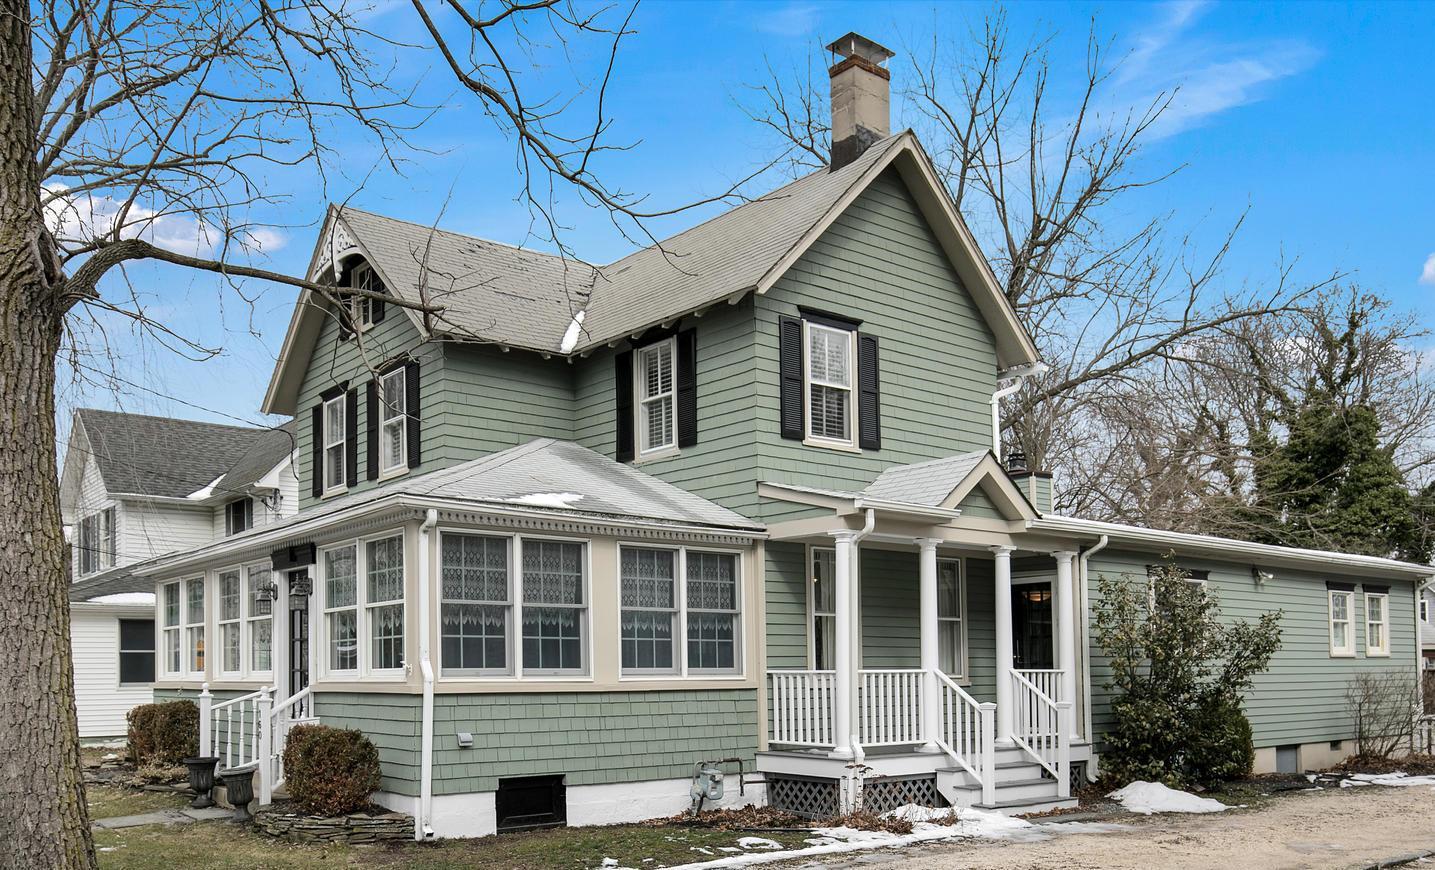 Einfamilienhaus für Verkauf beim Impressive Rumson Victorian 160 E. River Rd. Rumson, New Jersey, 07760 Vereinigte Staaten